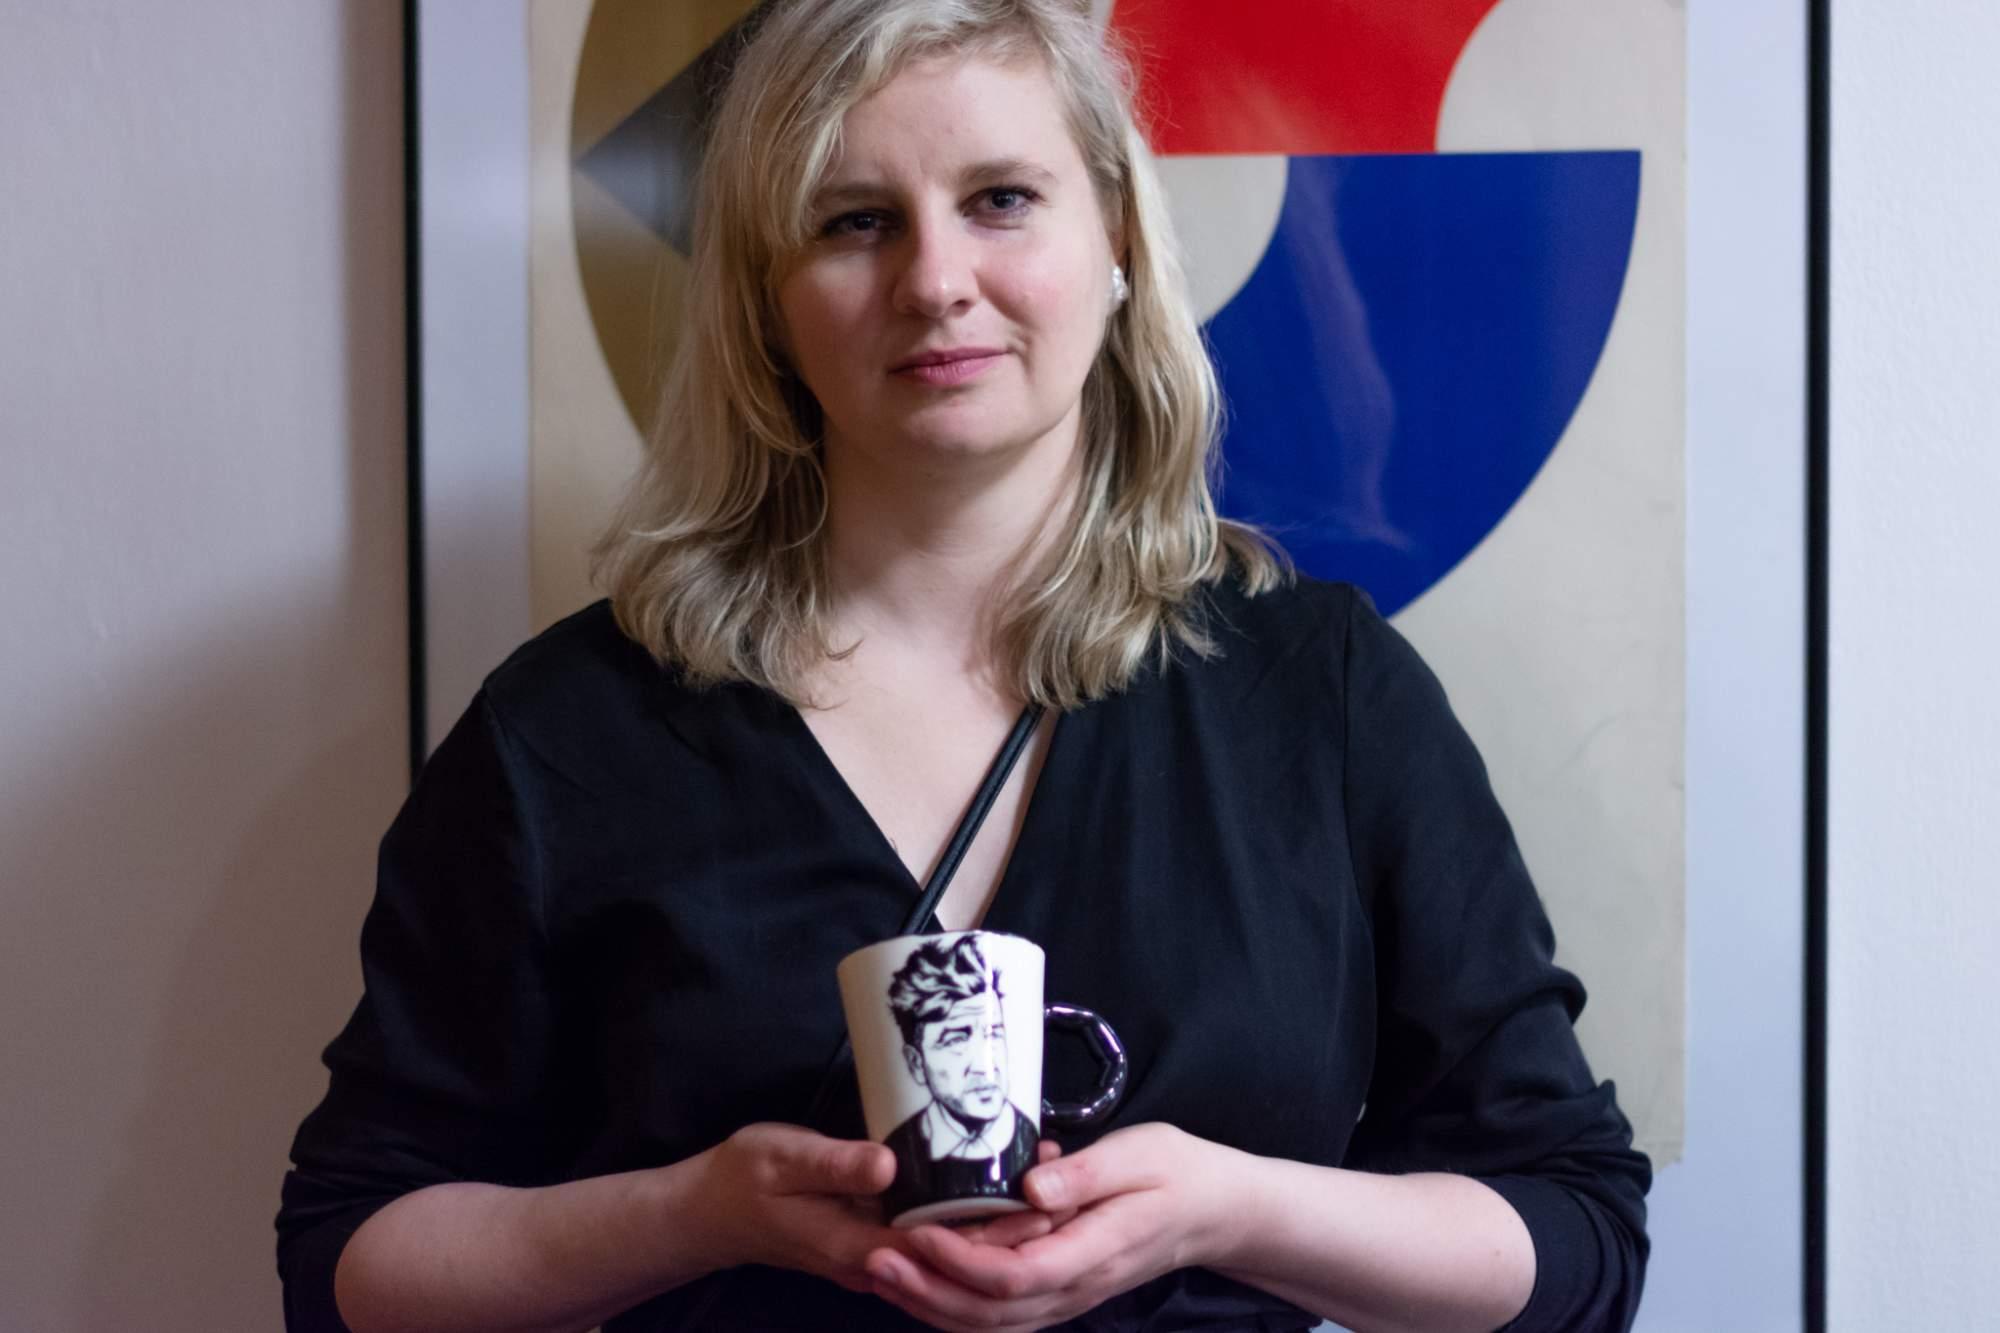 Keramička Sviatlana Buyevich s jedním z jejích výtvorů. Foto: Anna Viktorinová